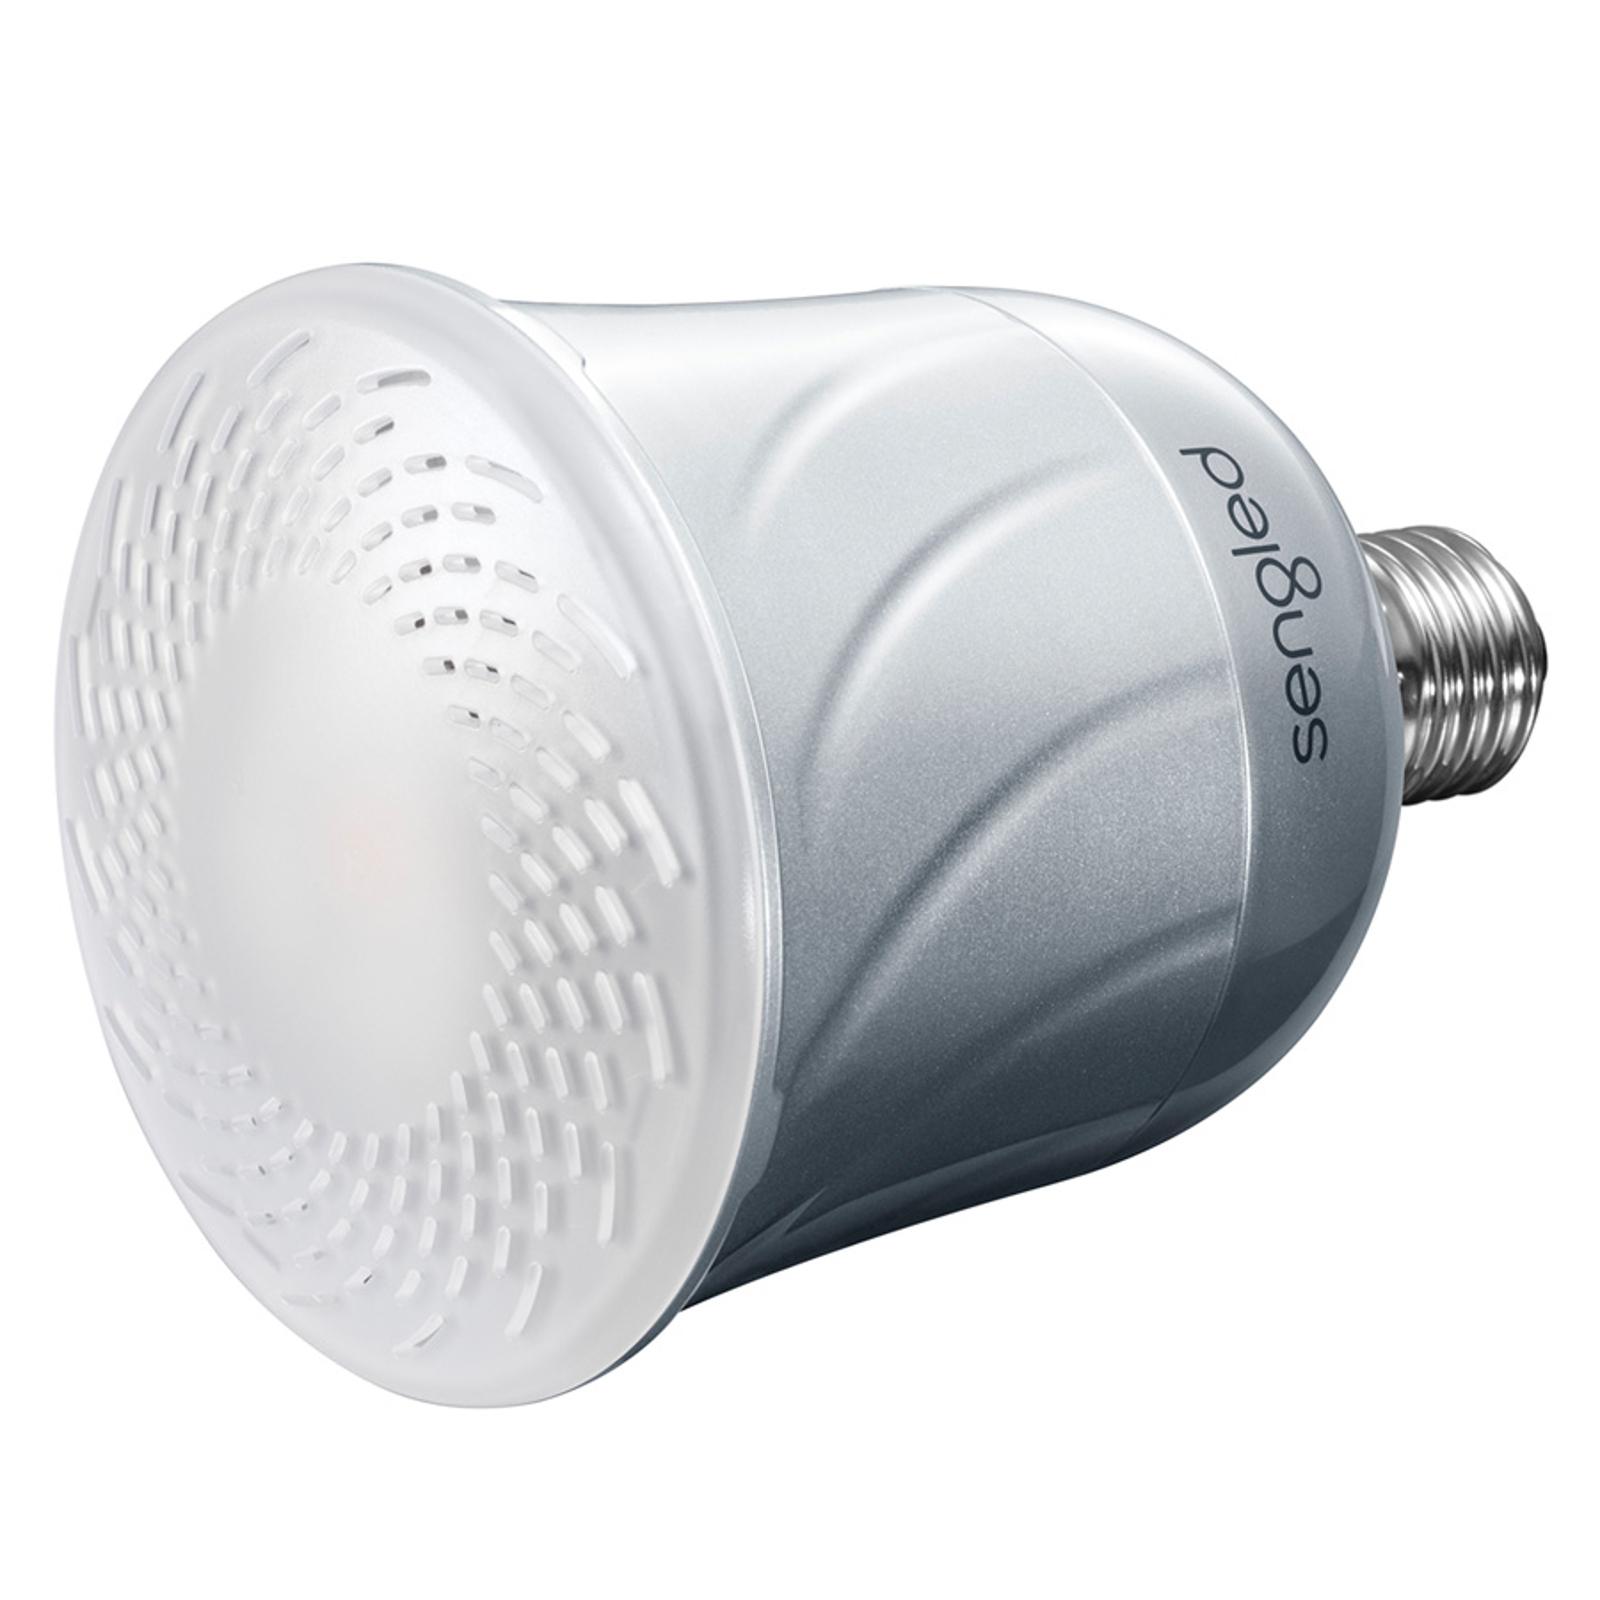 Sengled Pulse lampe musique LED lot de 2, E27 8W